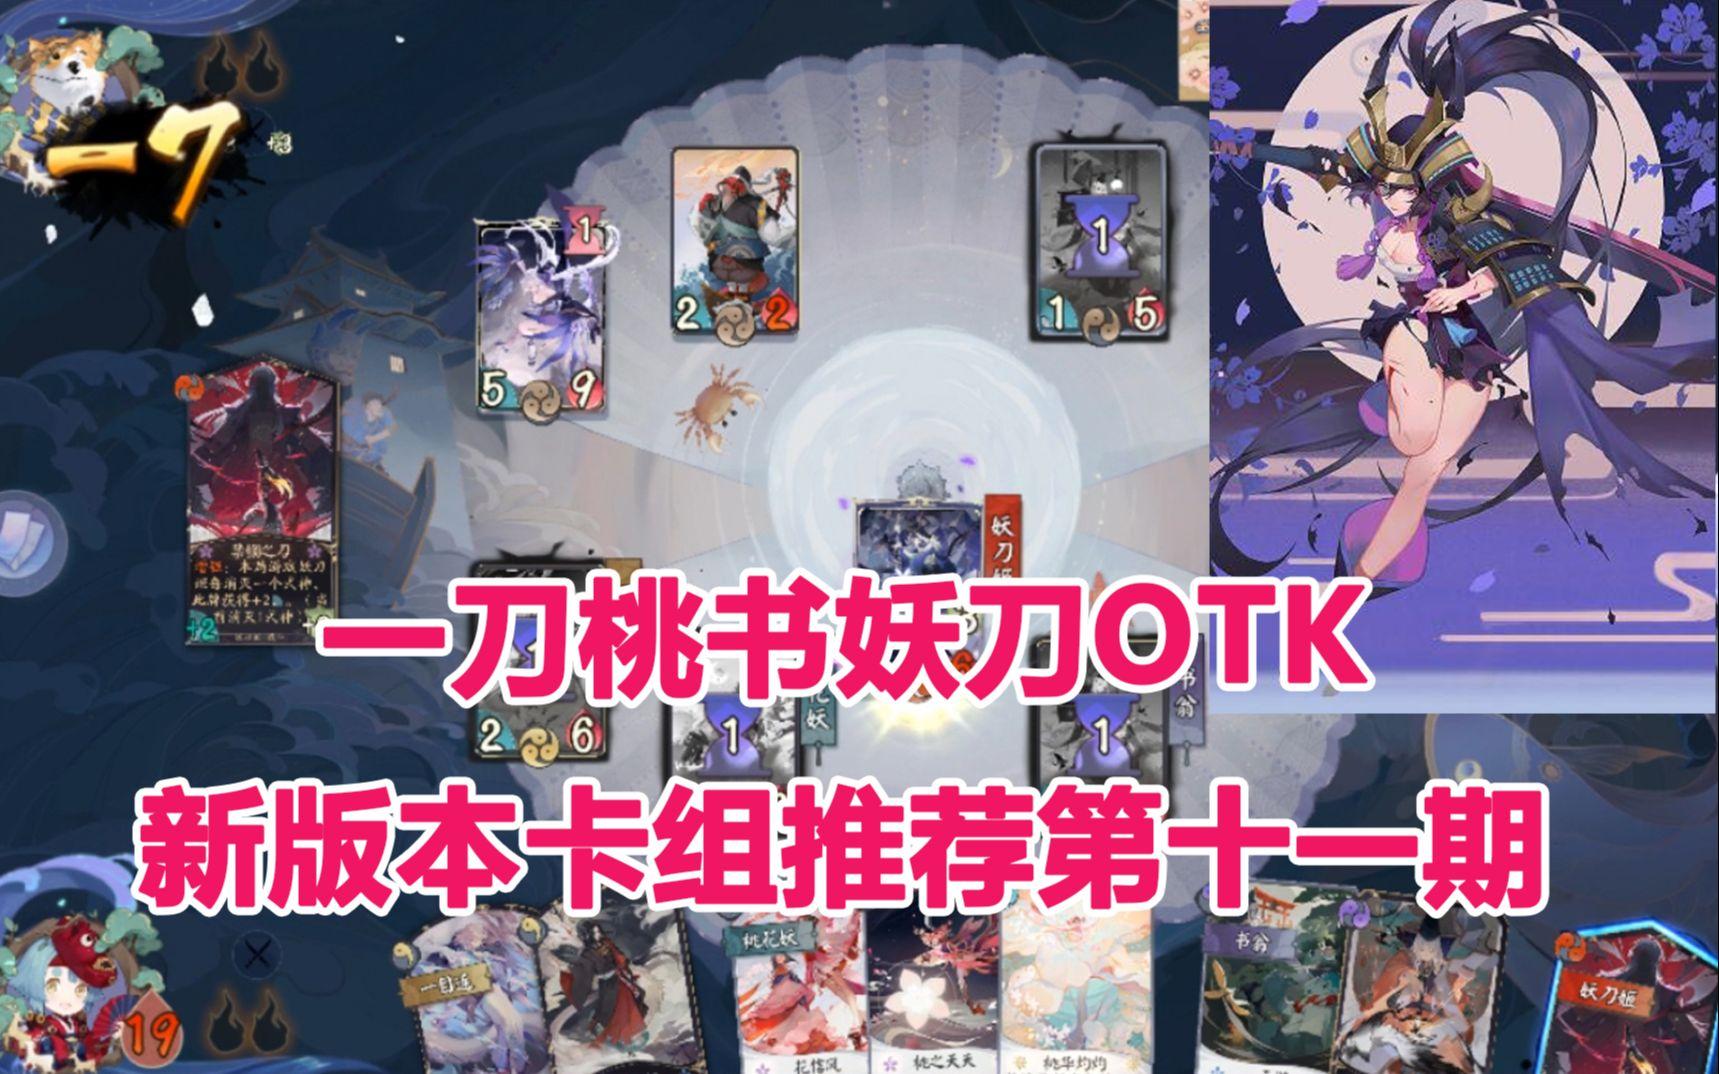 一刀桃书妖刀OTK,新版本卡组推荐第十一期.jpg